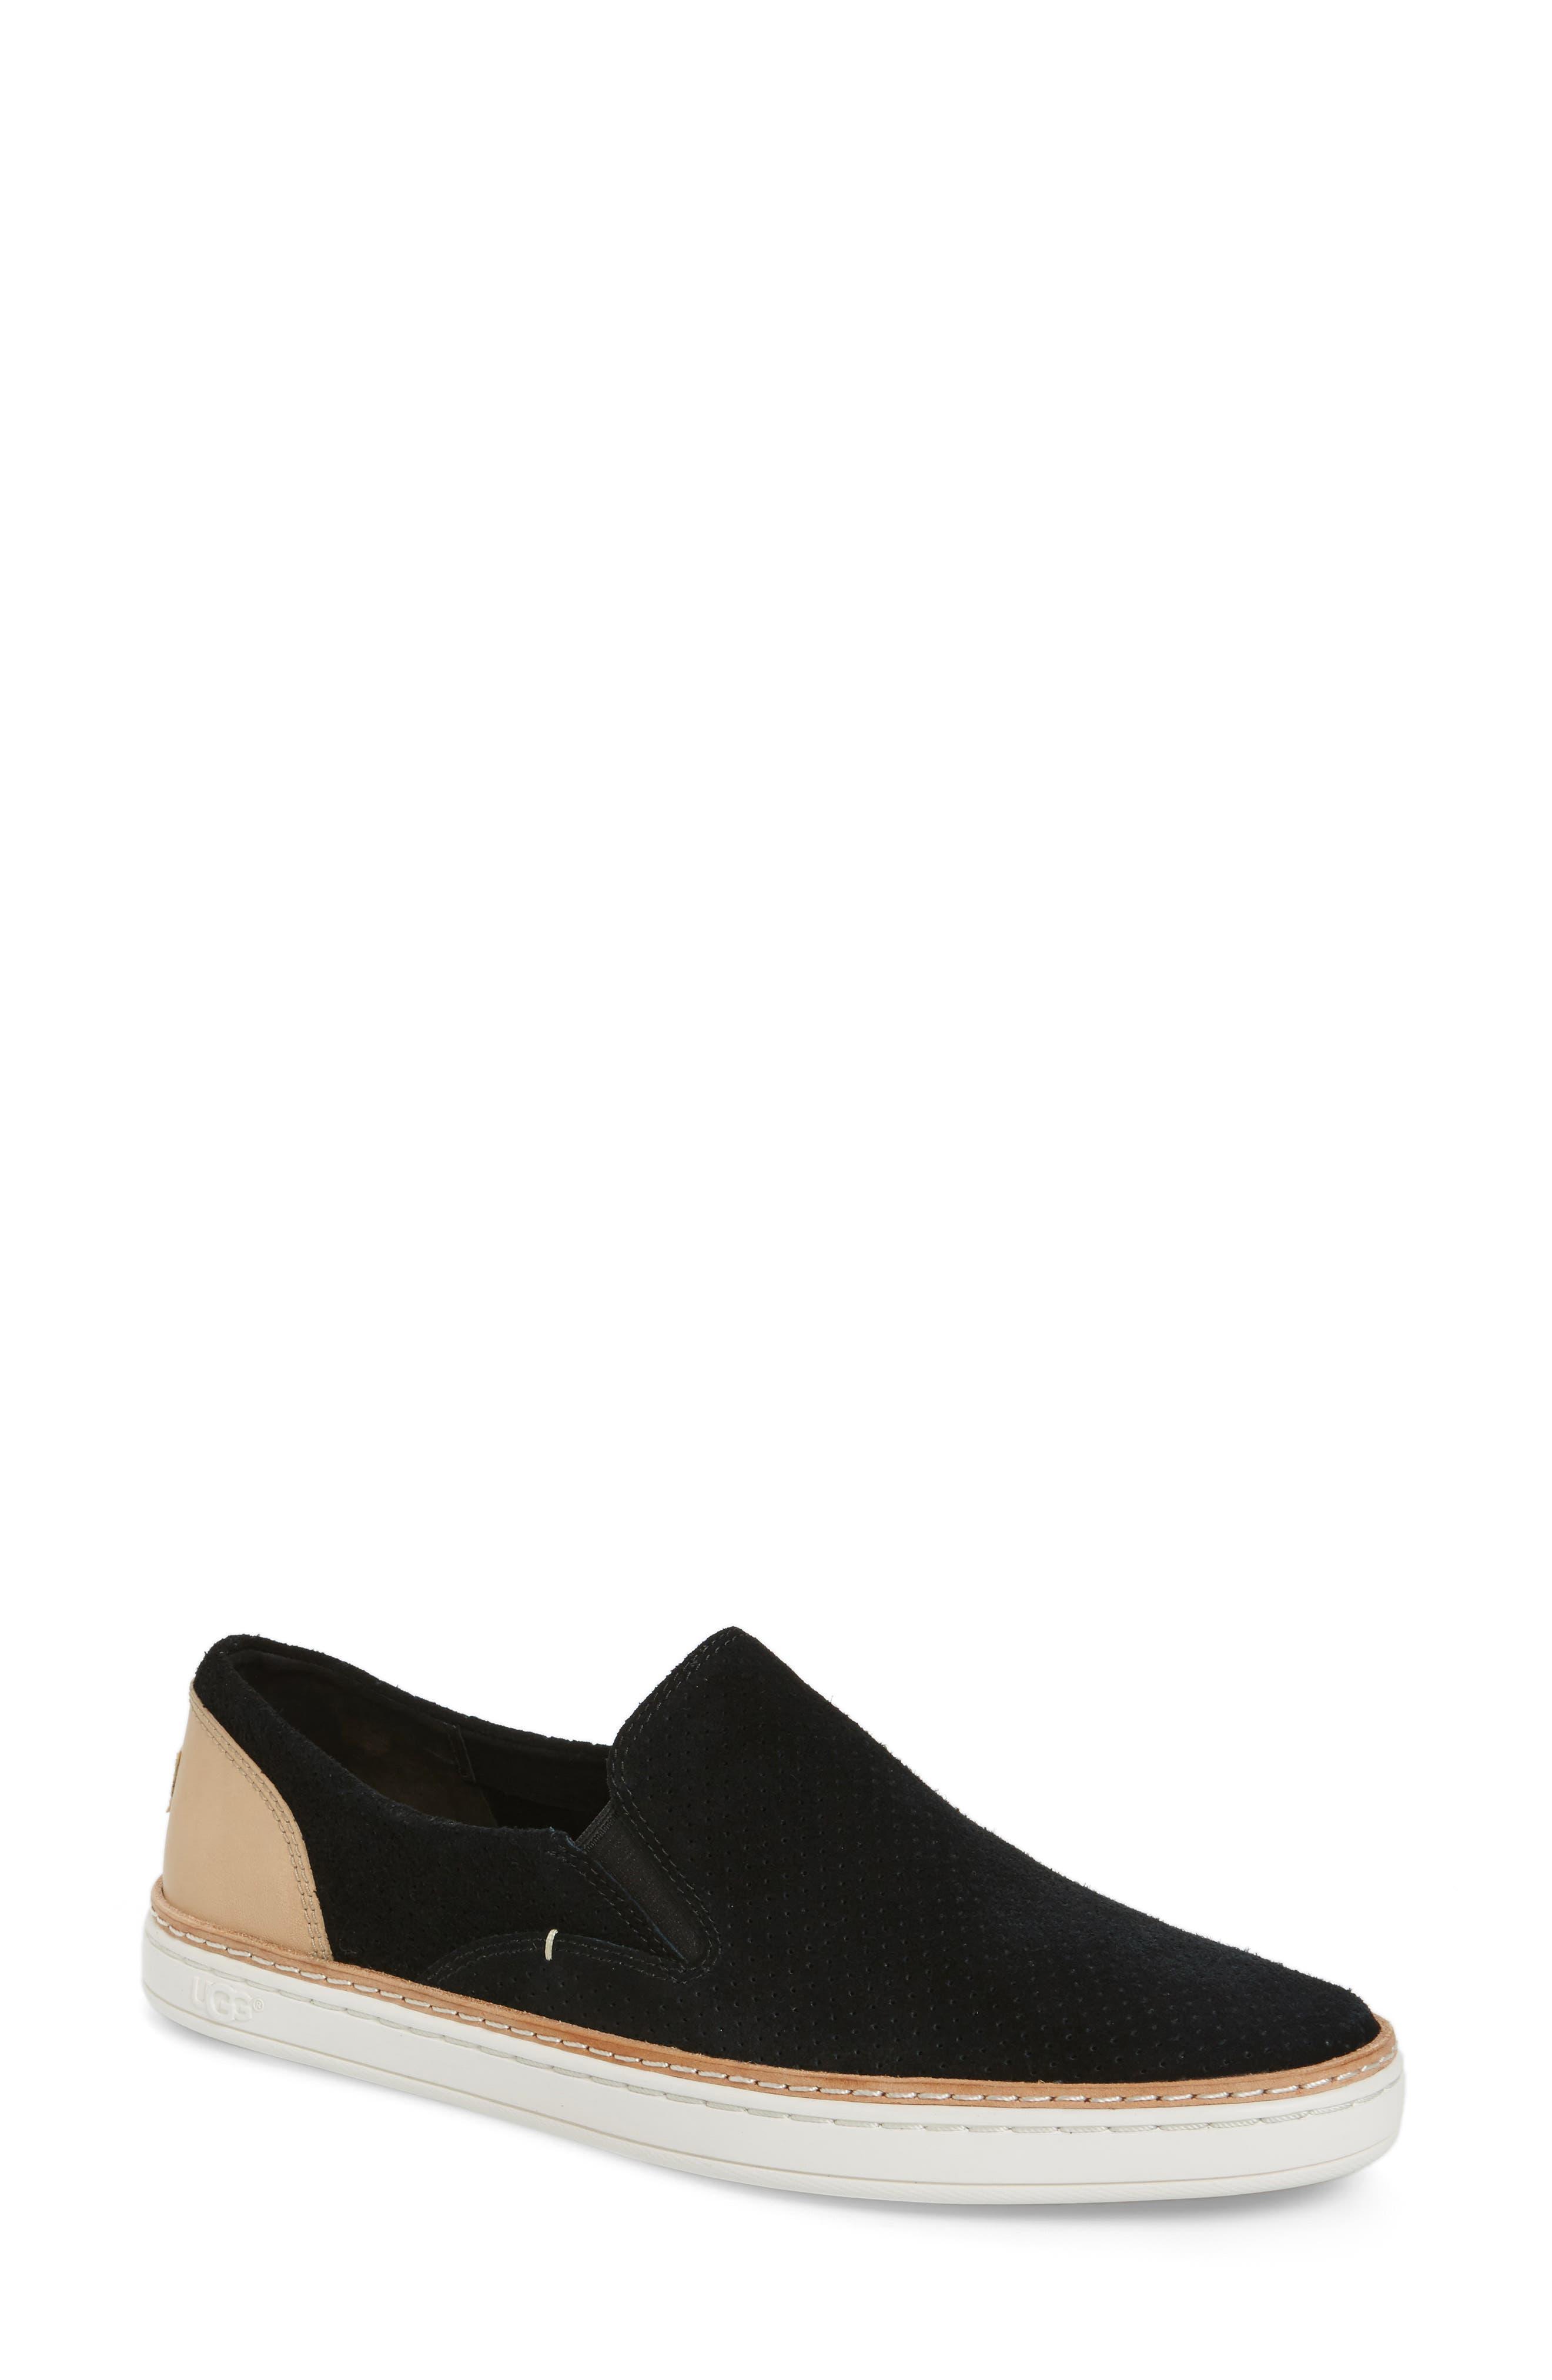 Adley Slip-On Sneaker,                             Main thumbnail 2, color,